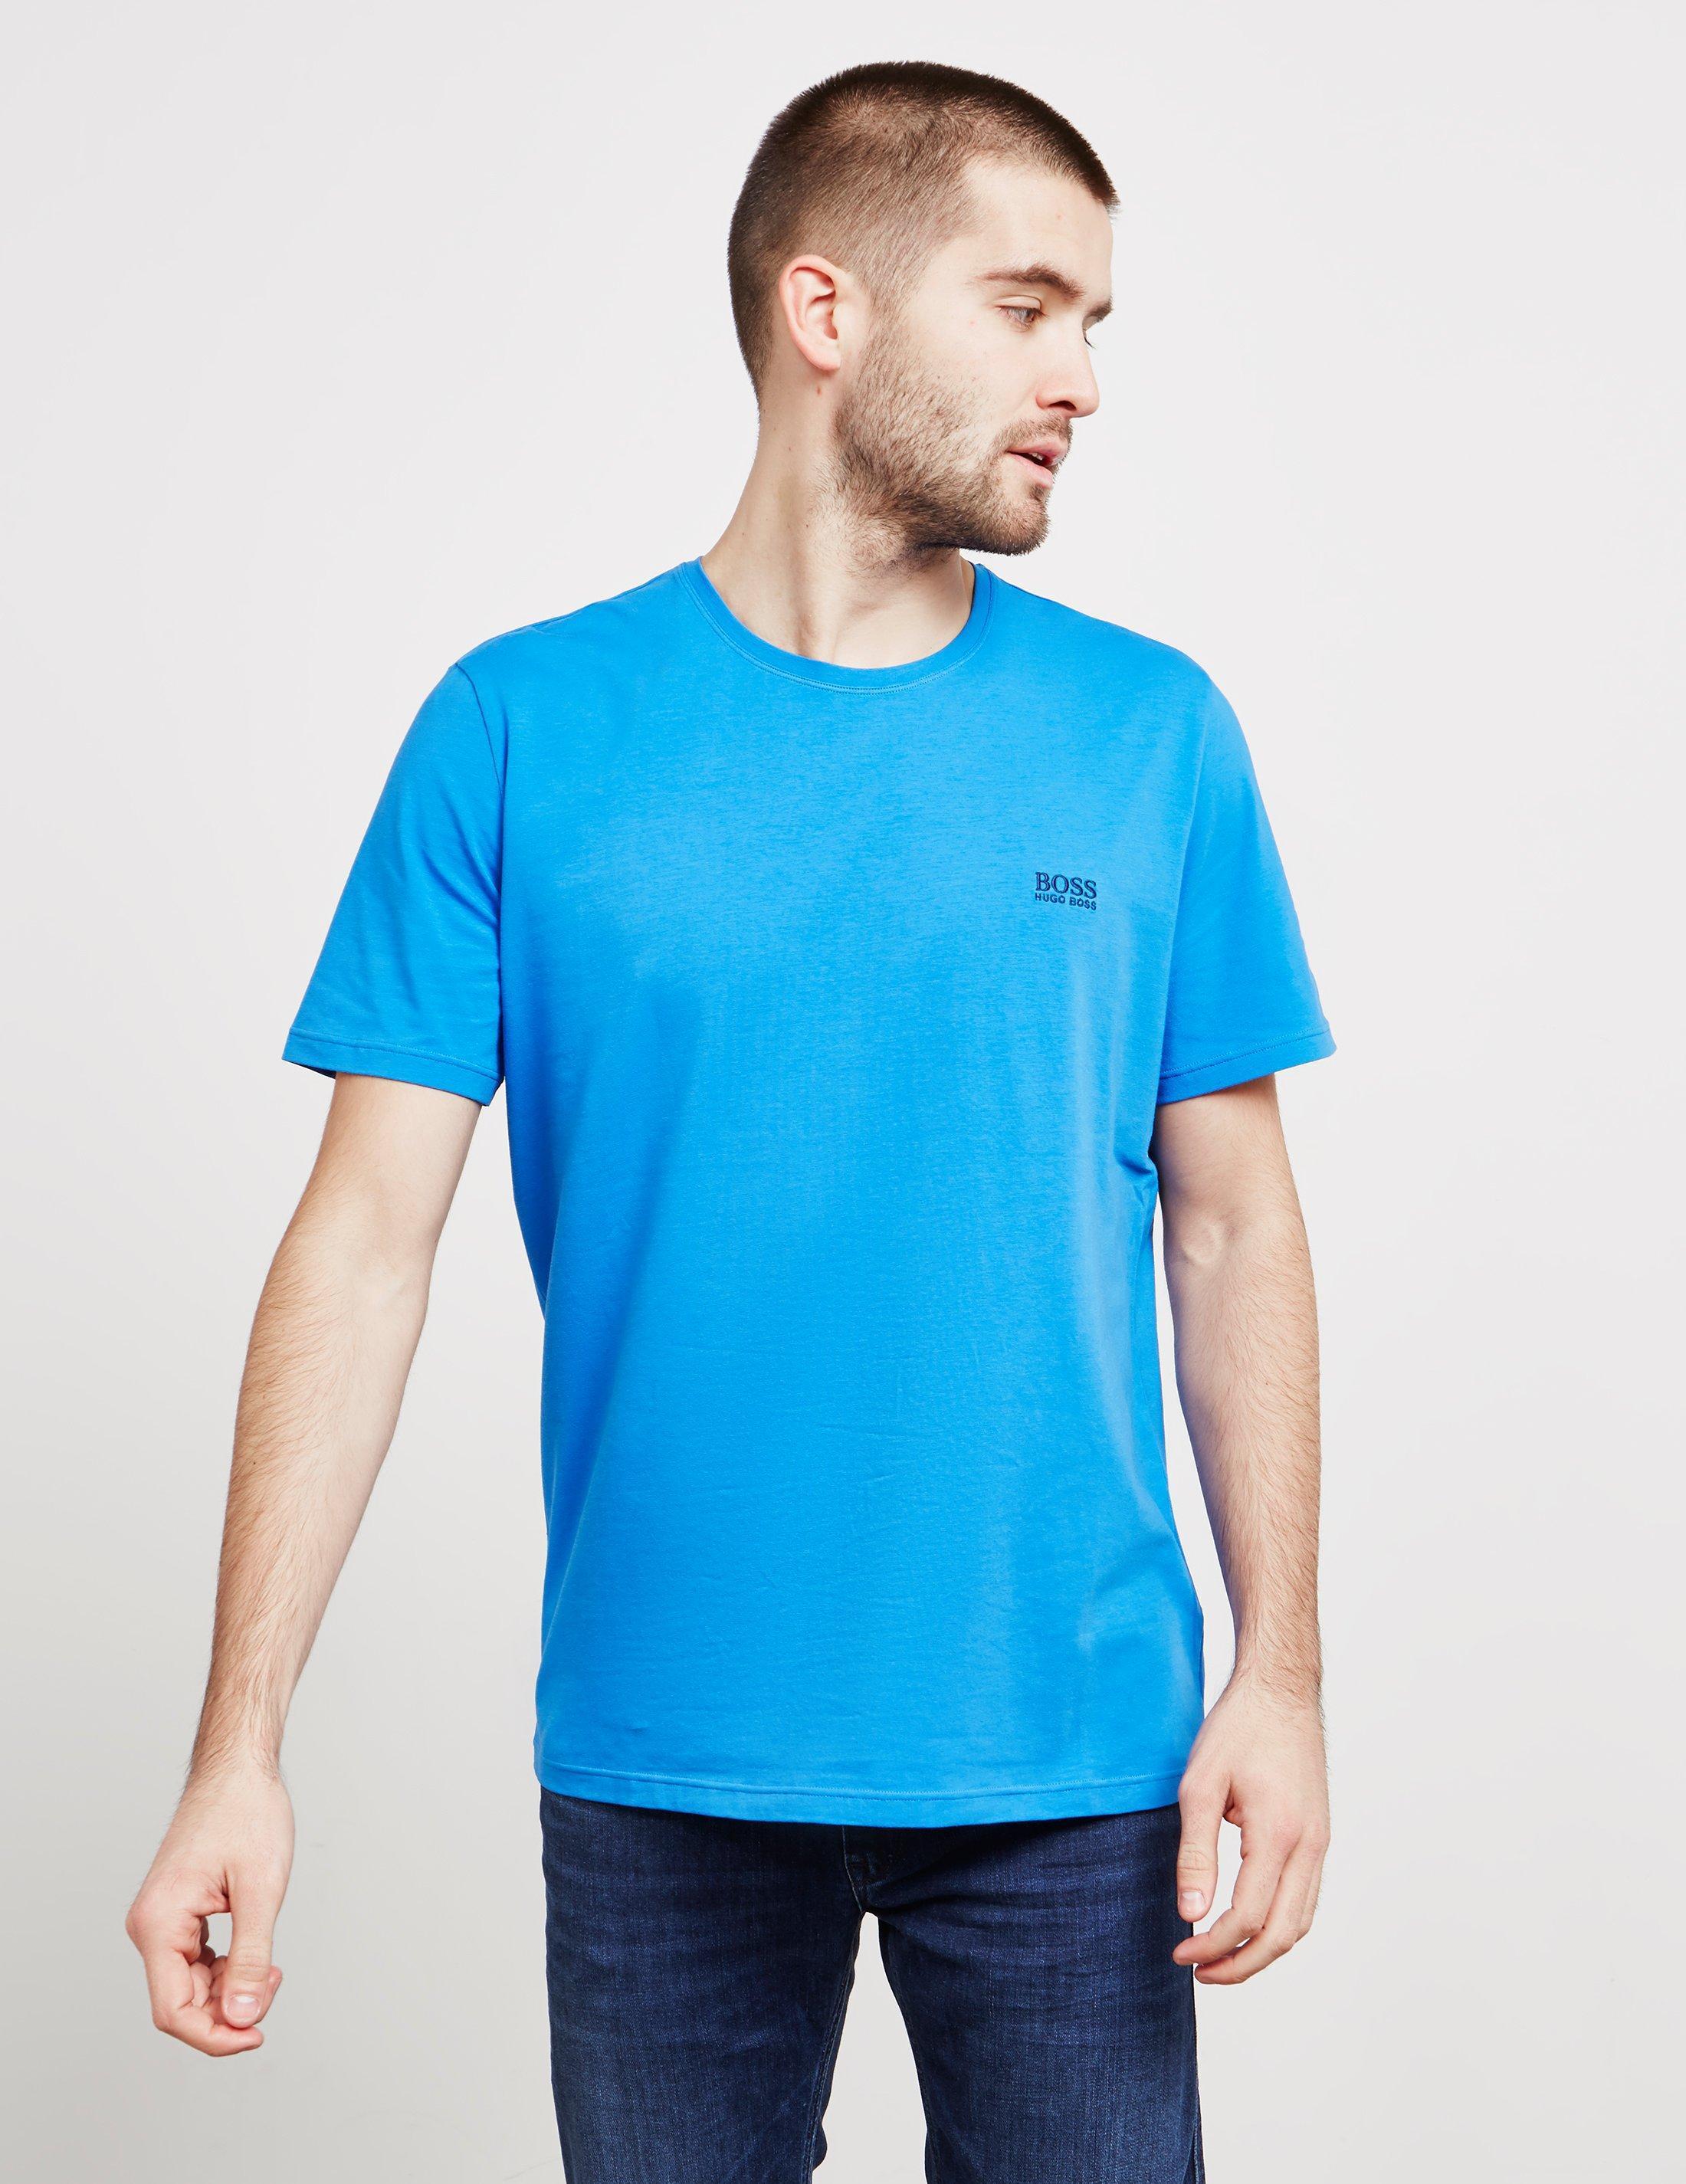 d2fae548a BOSS - Mens Core Short Sleeve T-shirt Blue for Men - Lyst. View fullscreen